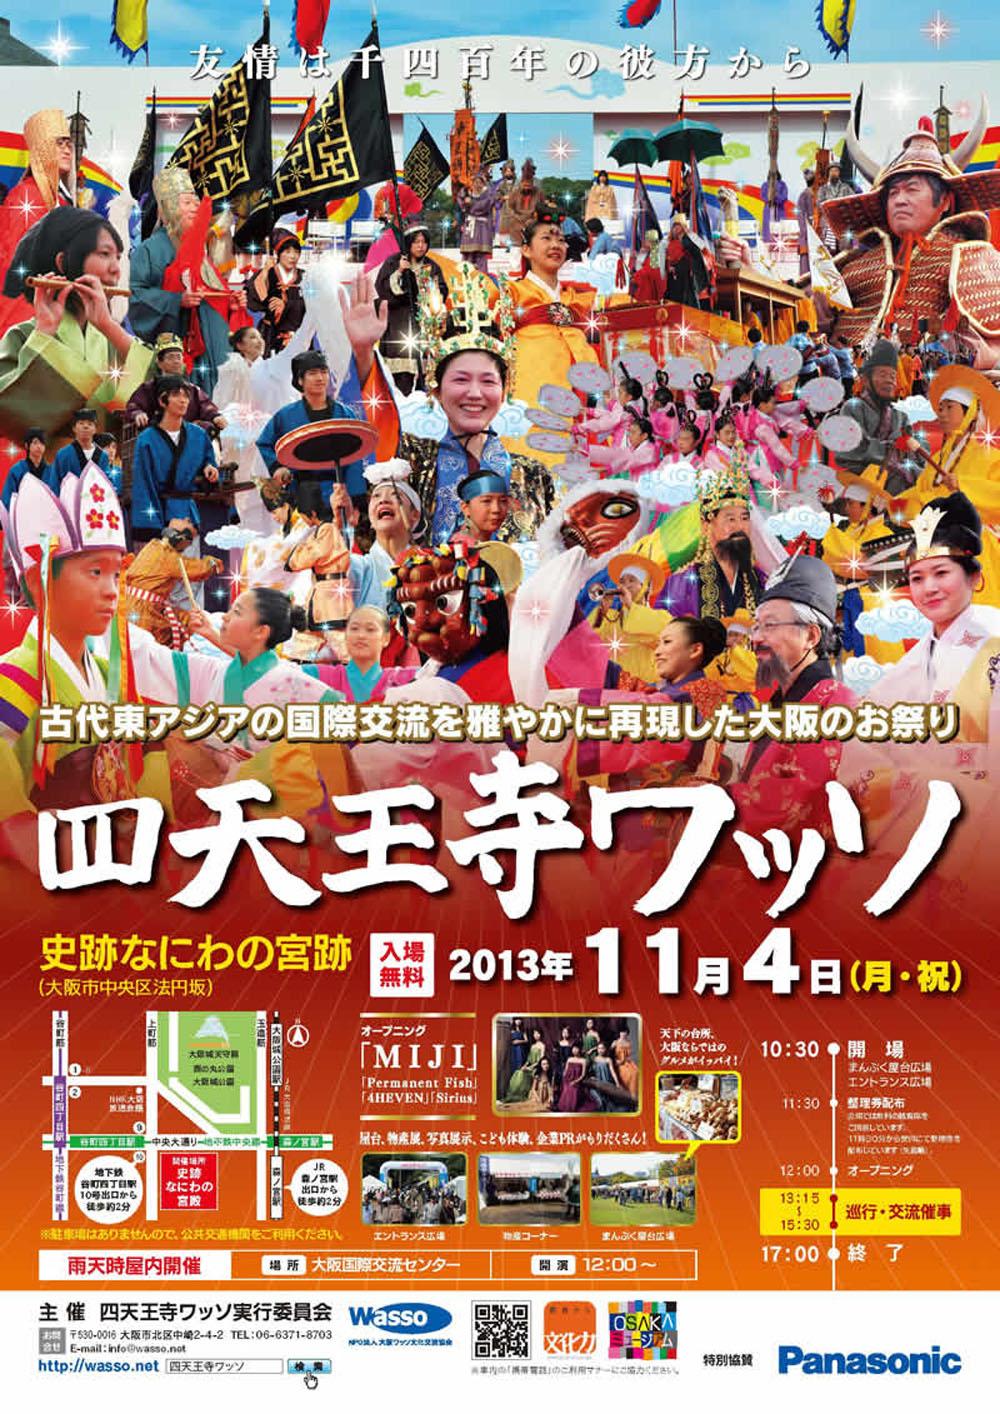 2013四天王寺ワッソポスター